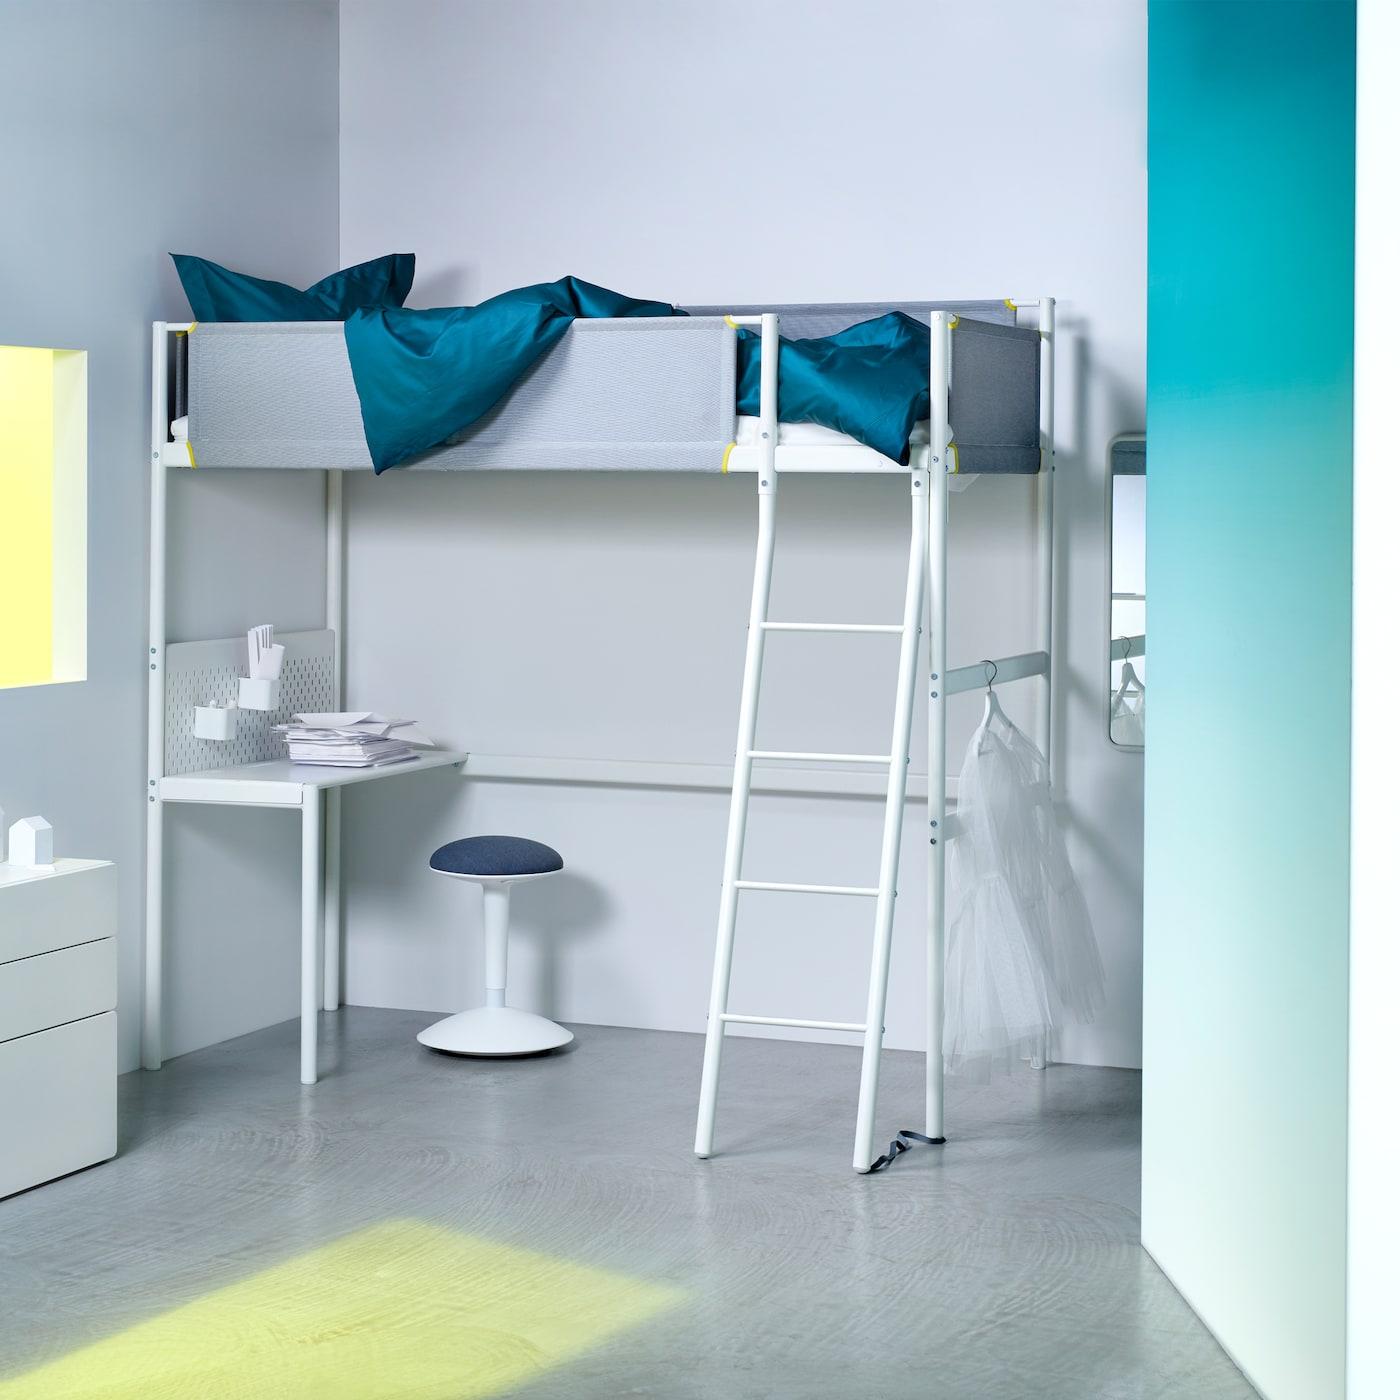 Letto a soppalco VITVAL bianco con sponde in tessuto, scala e scrivania